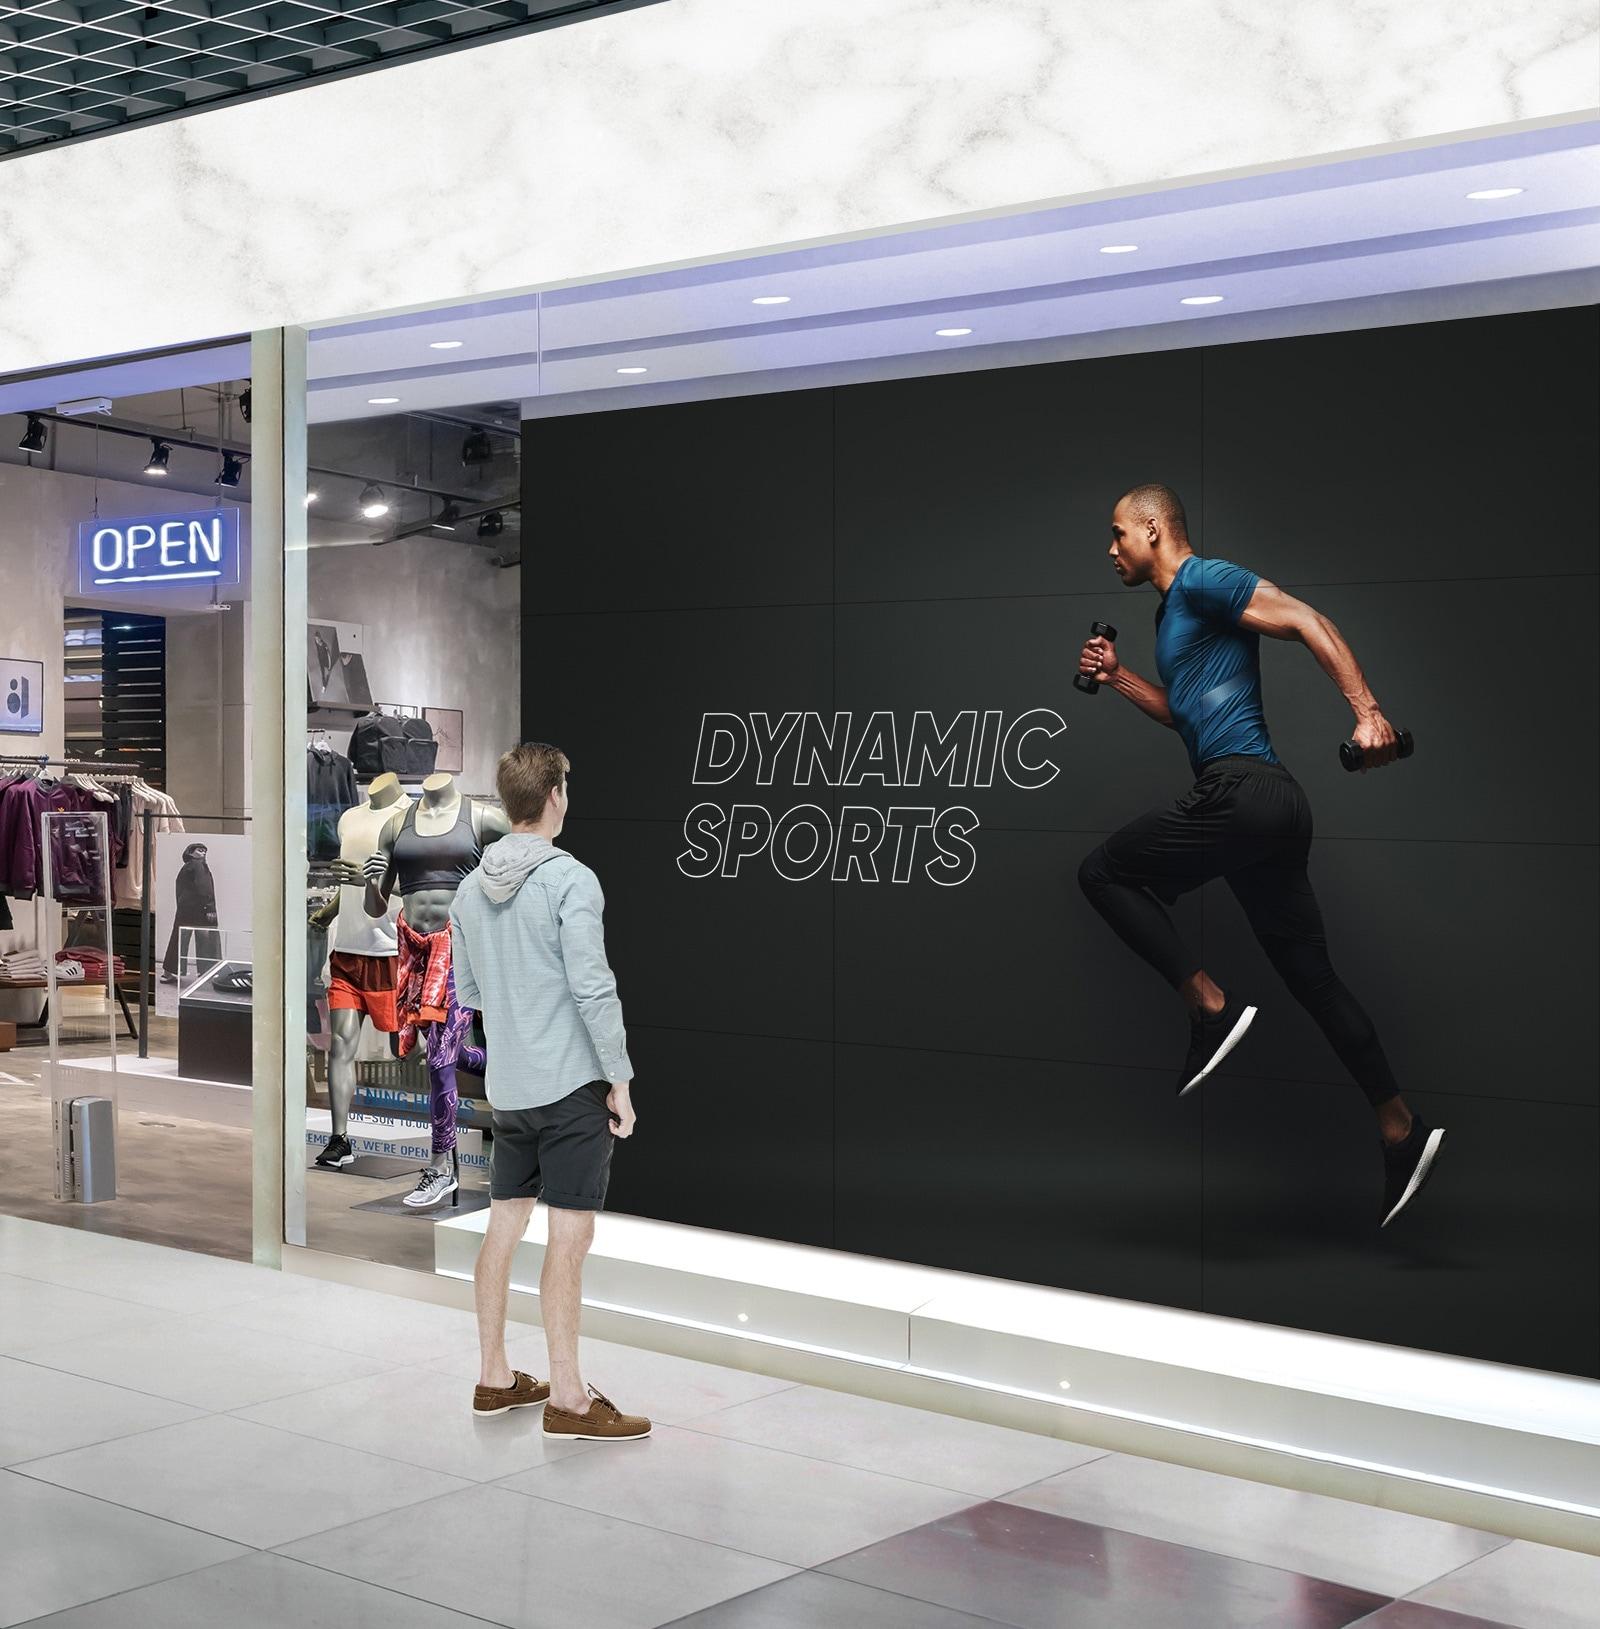 Un hombre está mirando una pantalla grande pegada al escaparate de una tienda de deportes.